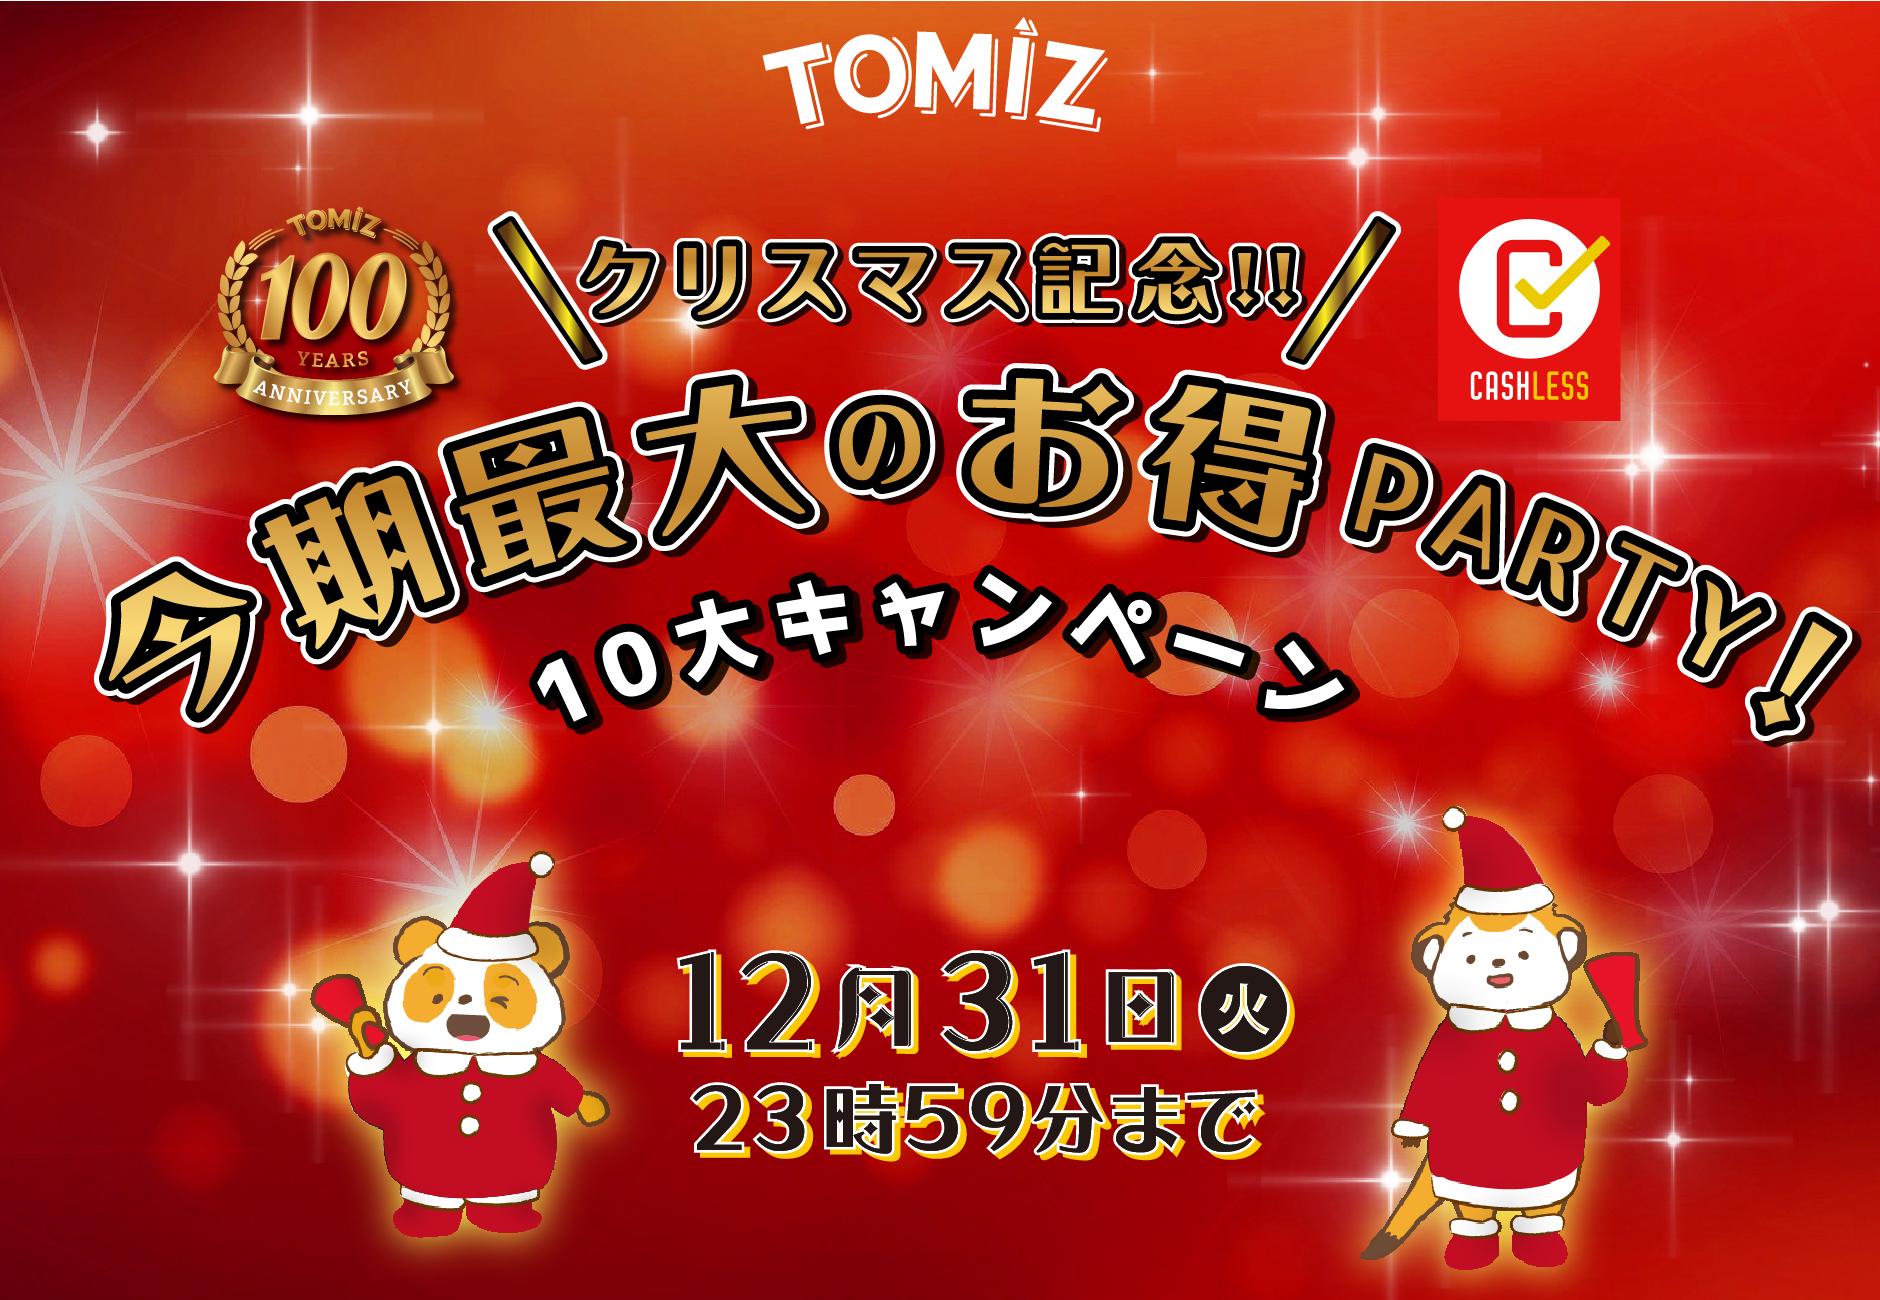 クリスマス記念!!今期最大のお得PARTY!!